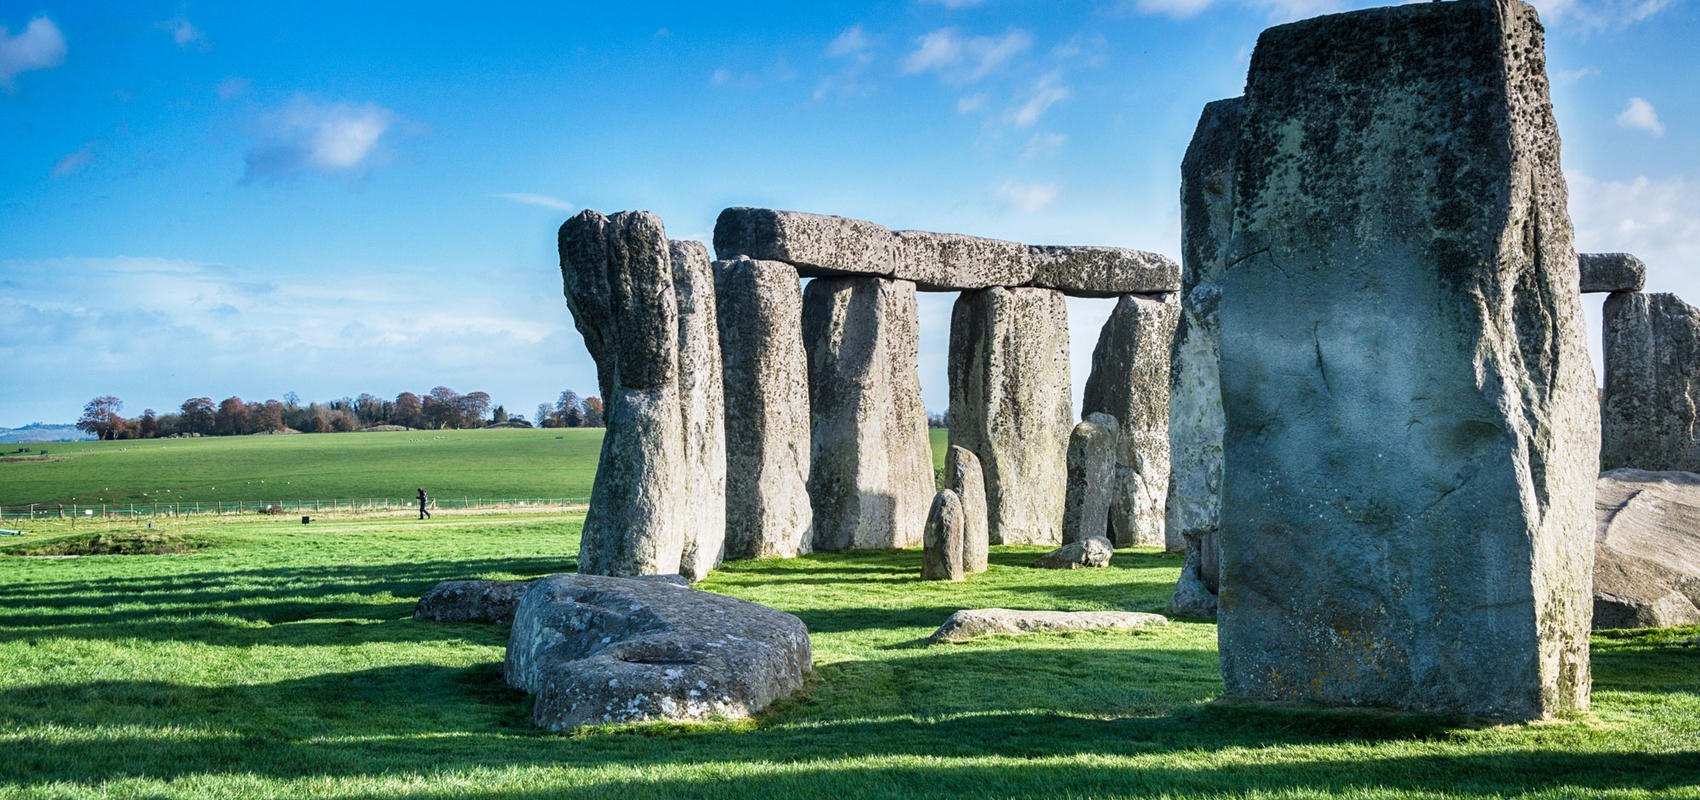 Menyimpan Misteri, Ini 5 Fakta Lain tentang Situs Stonehenge